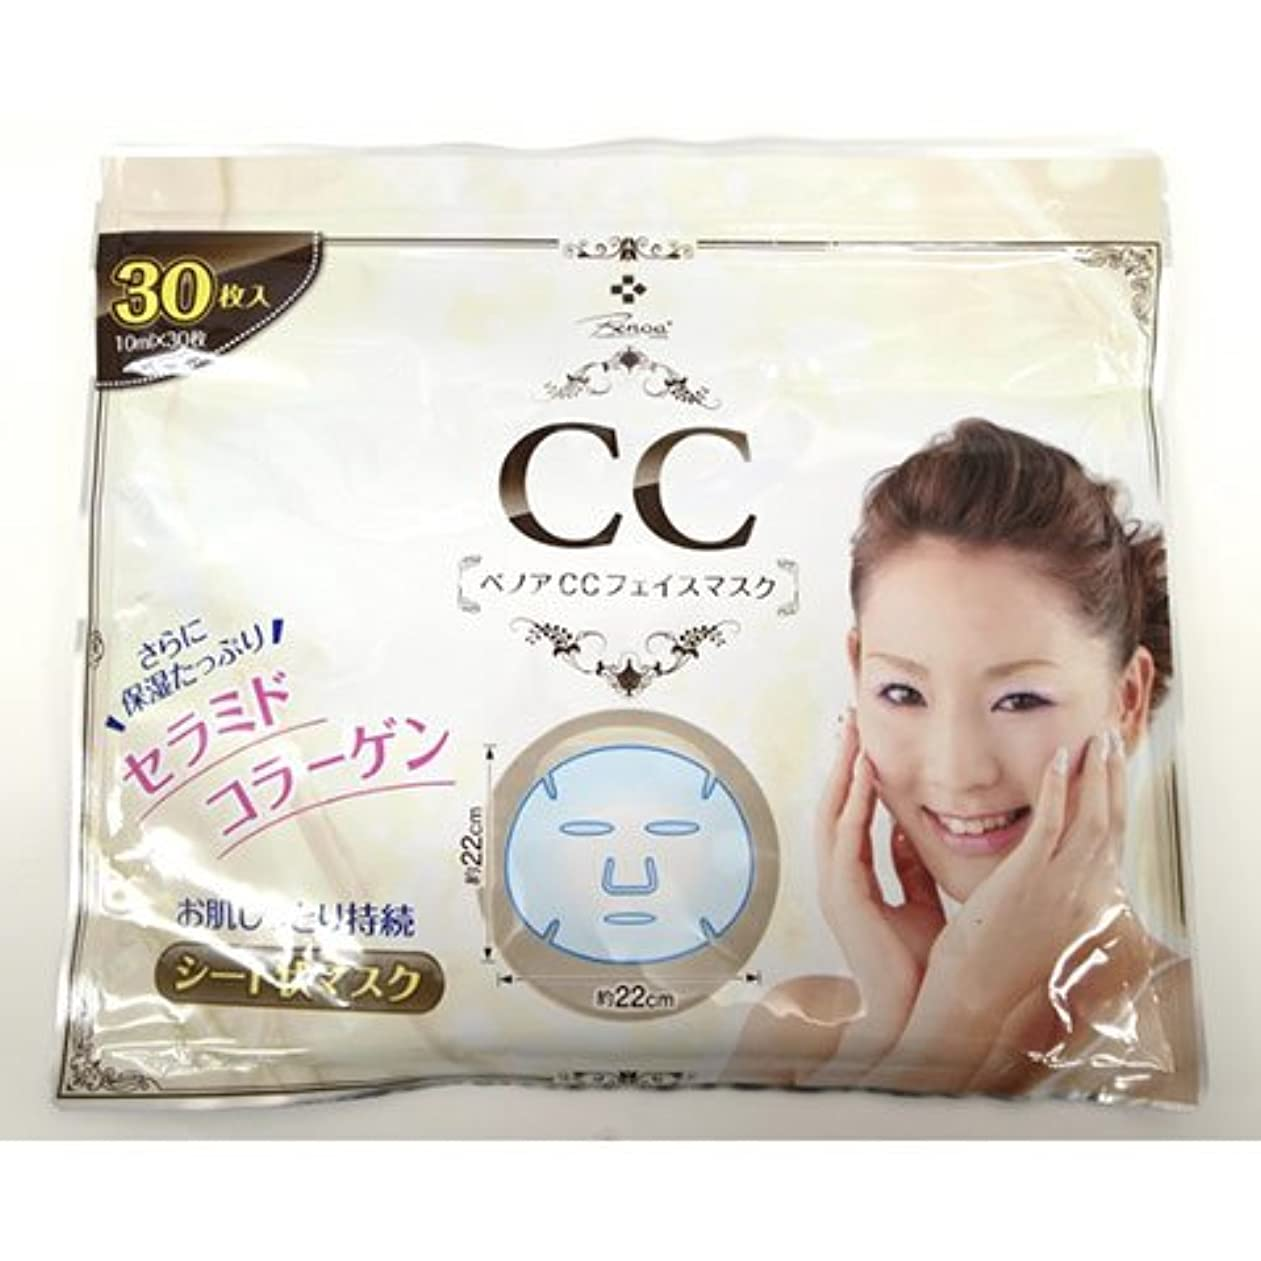 ベノア CC フェイスマスク 300ml(10ml×30枚入)